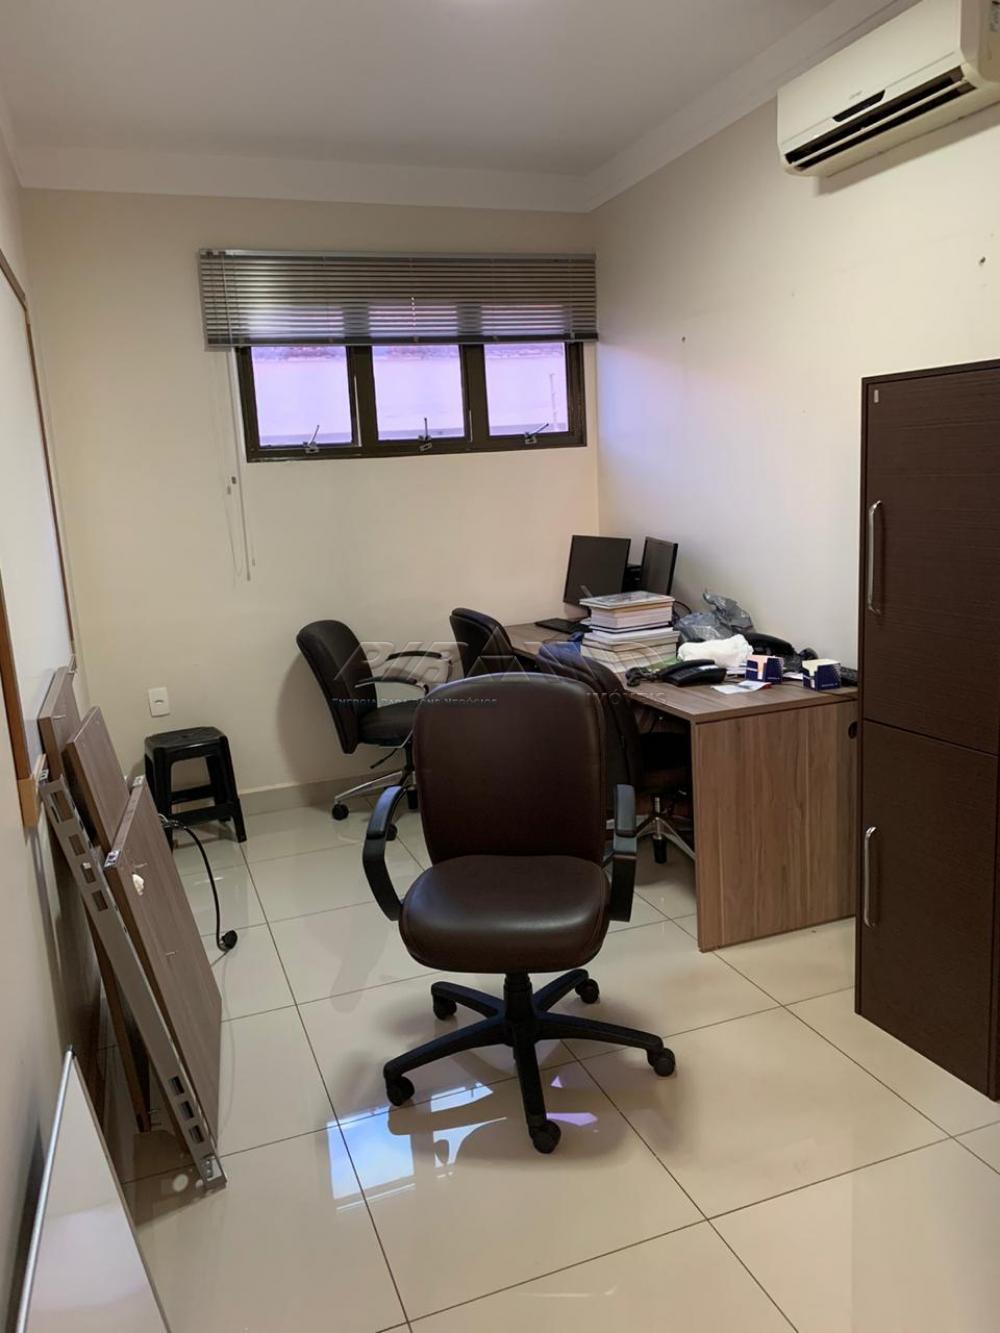 Alugar Comercial / Prédio em Ribeirão Preto apenas R$ 8.000,00 - Foto 10